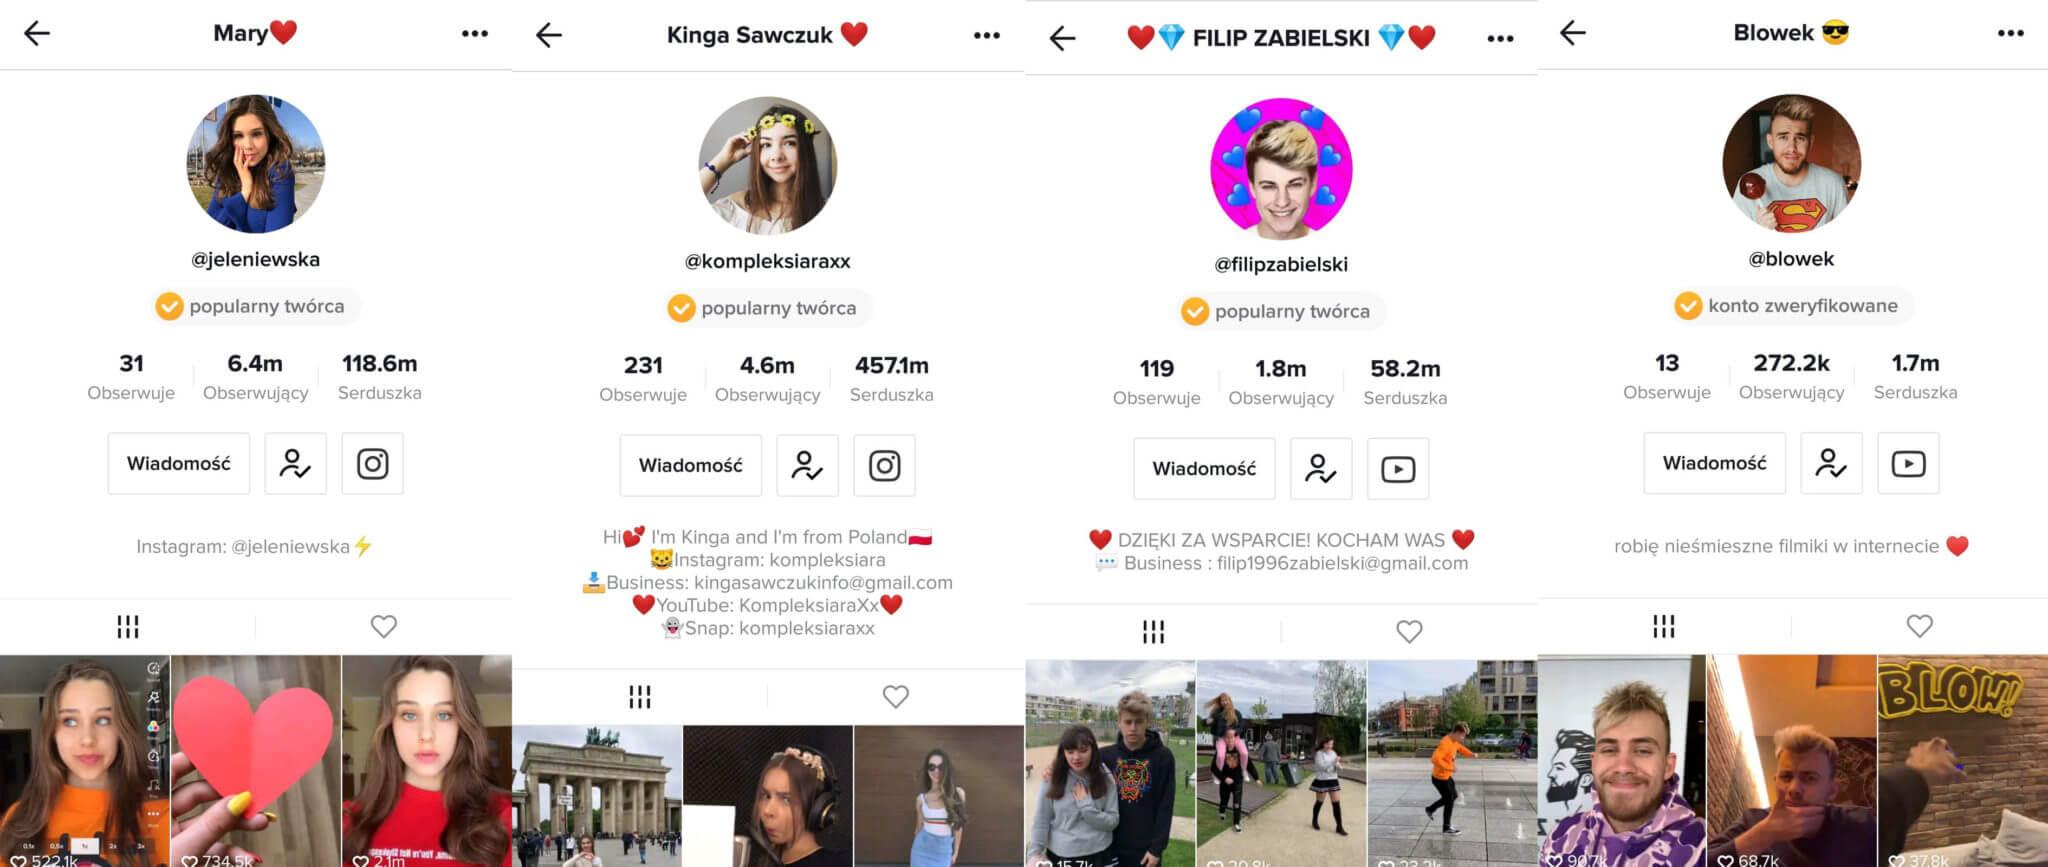 influencerzy w polsce